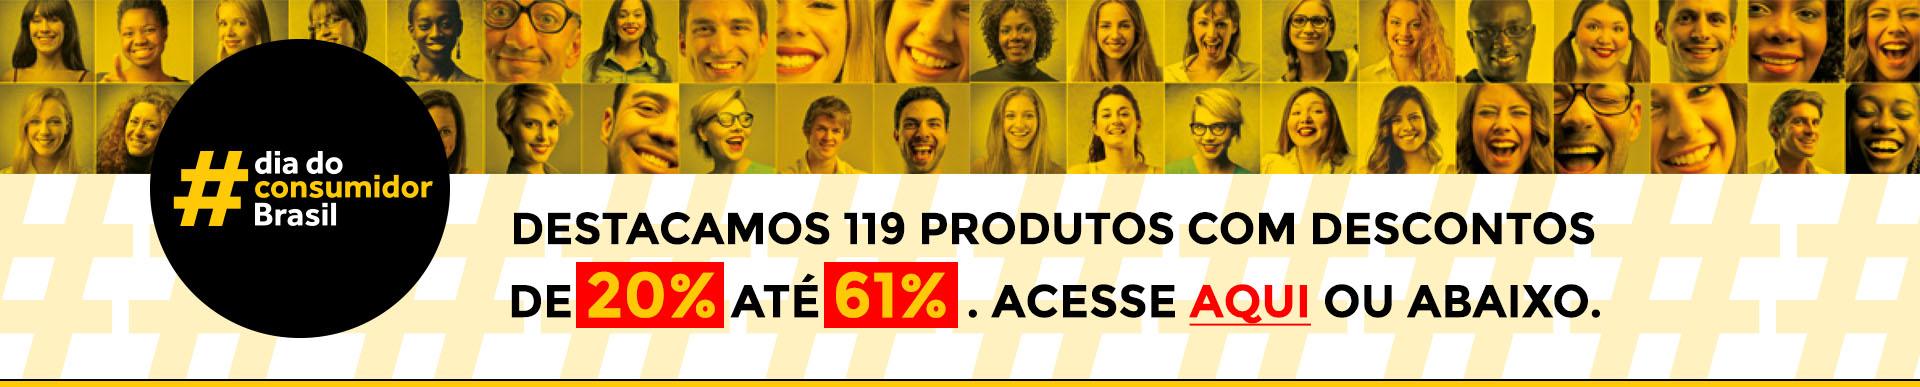 #diaconsumidor 2018 - até 61% de desconto